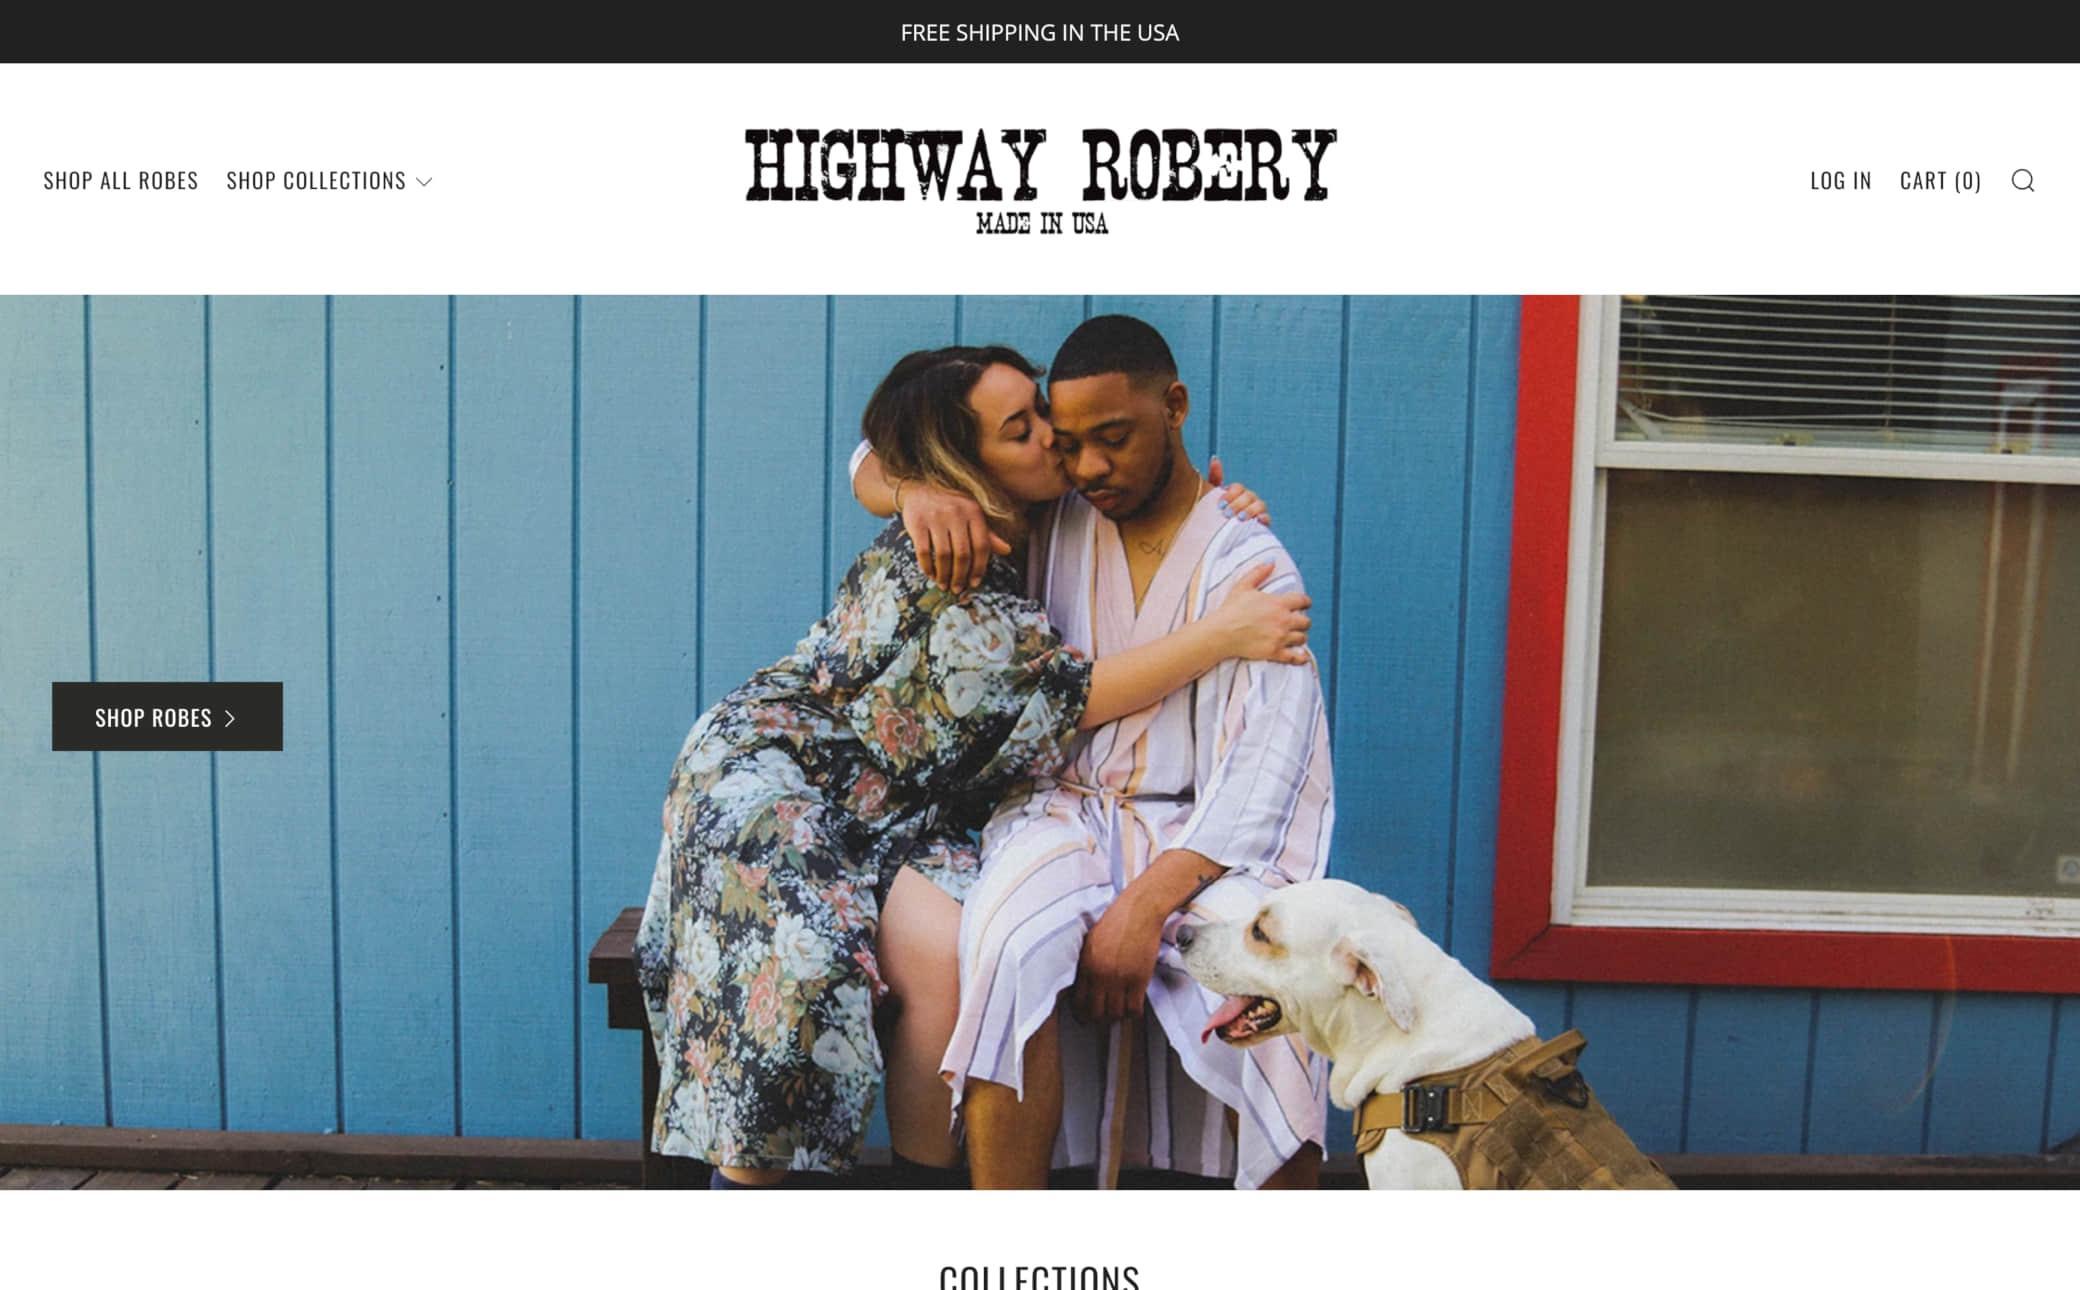 Highway Robery Screenshot Main